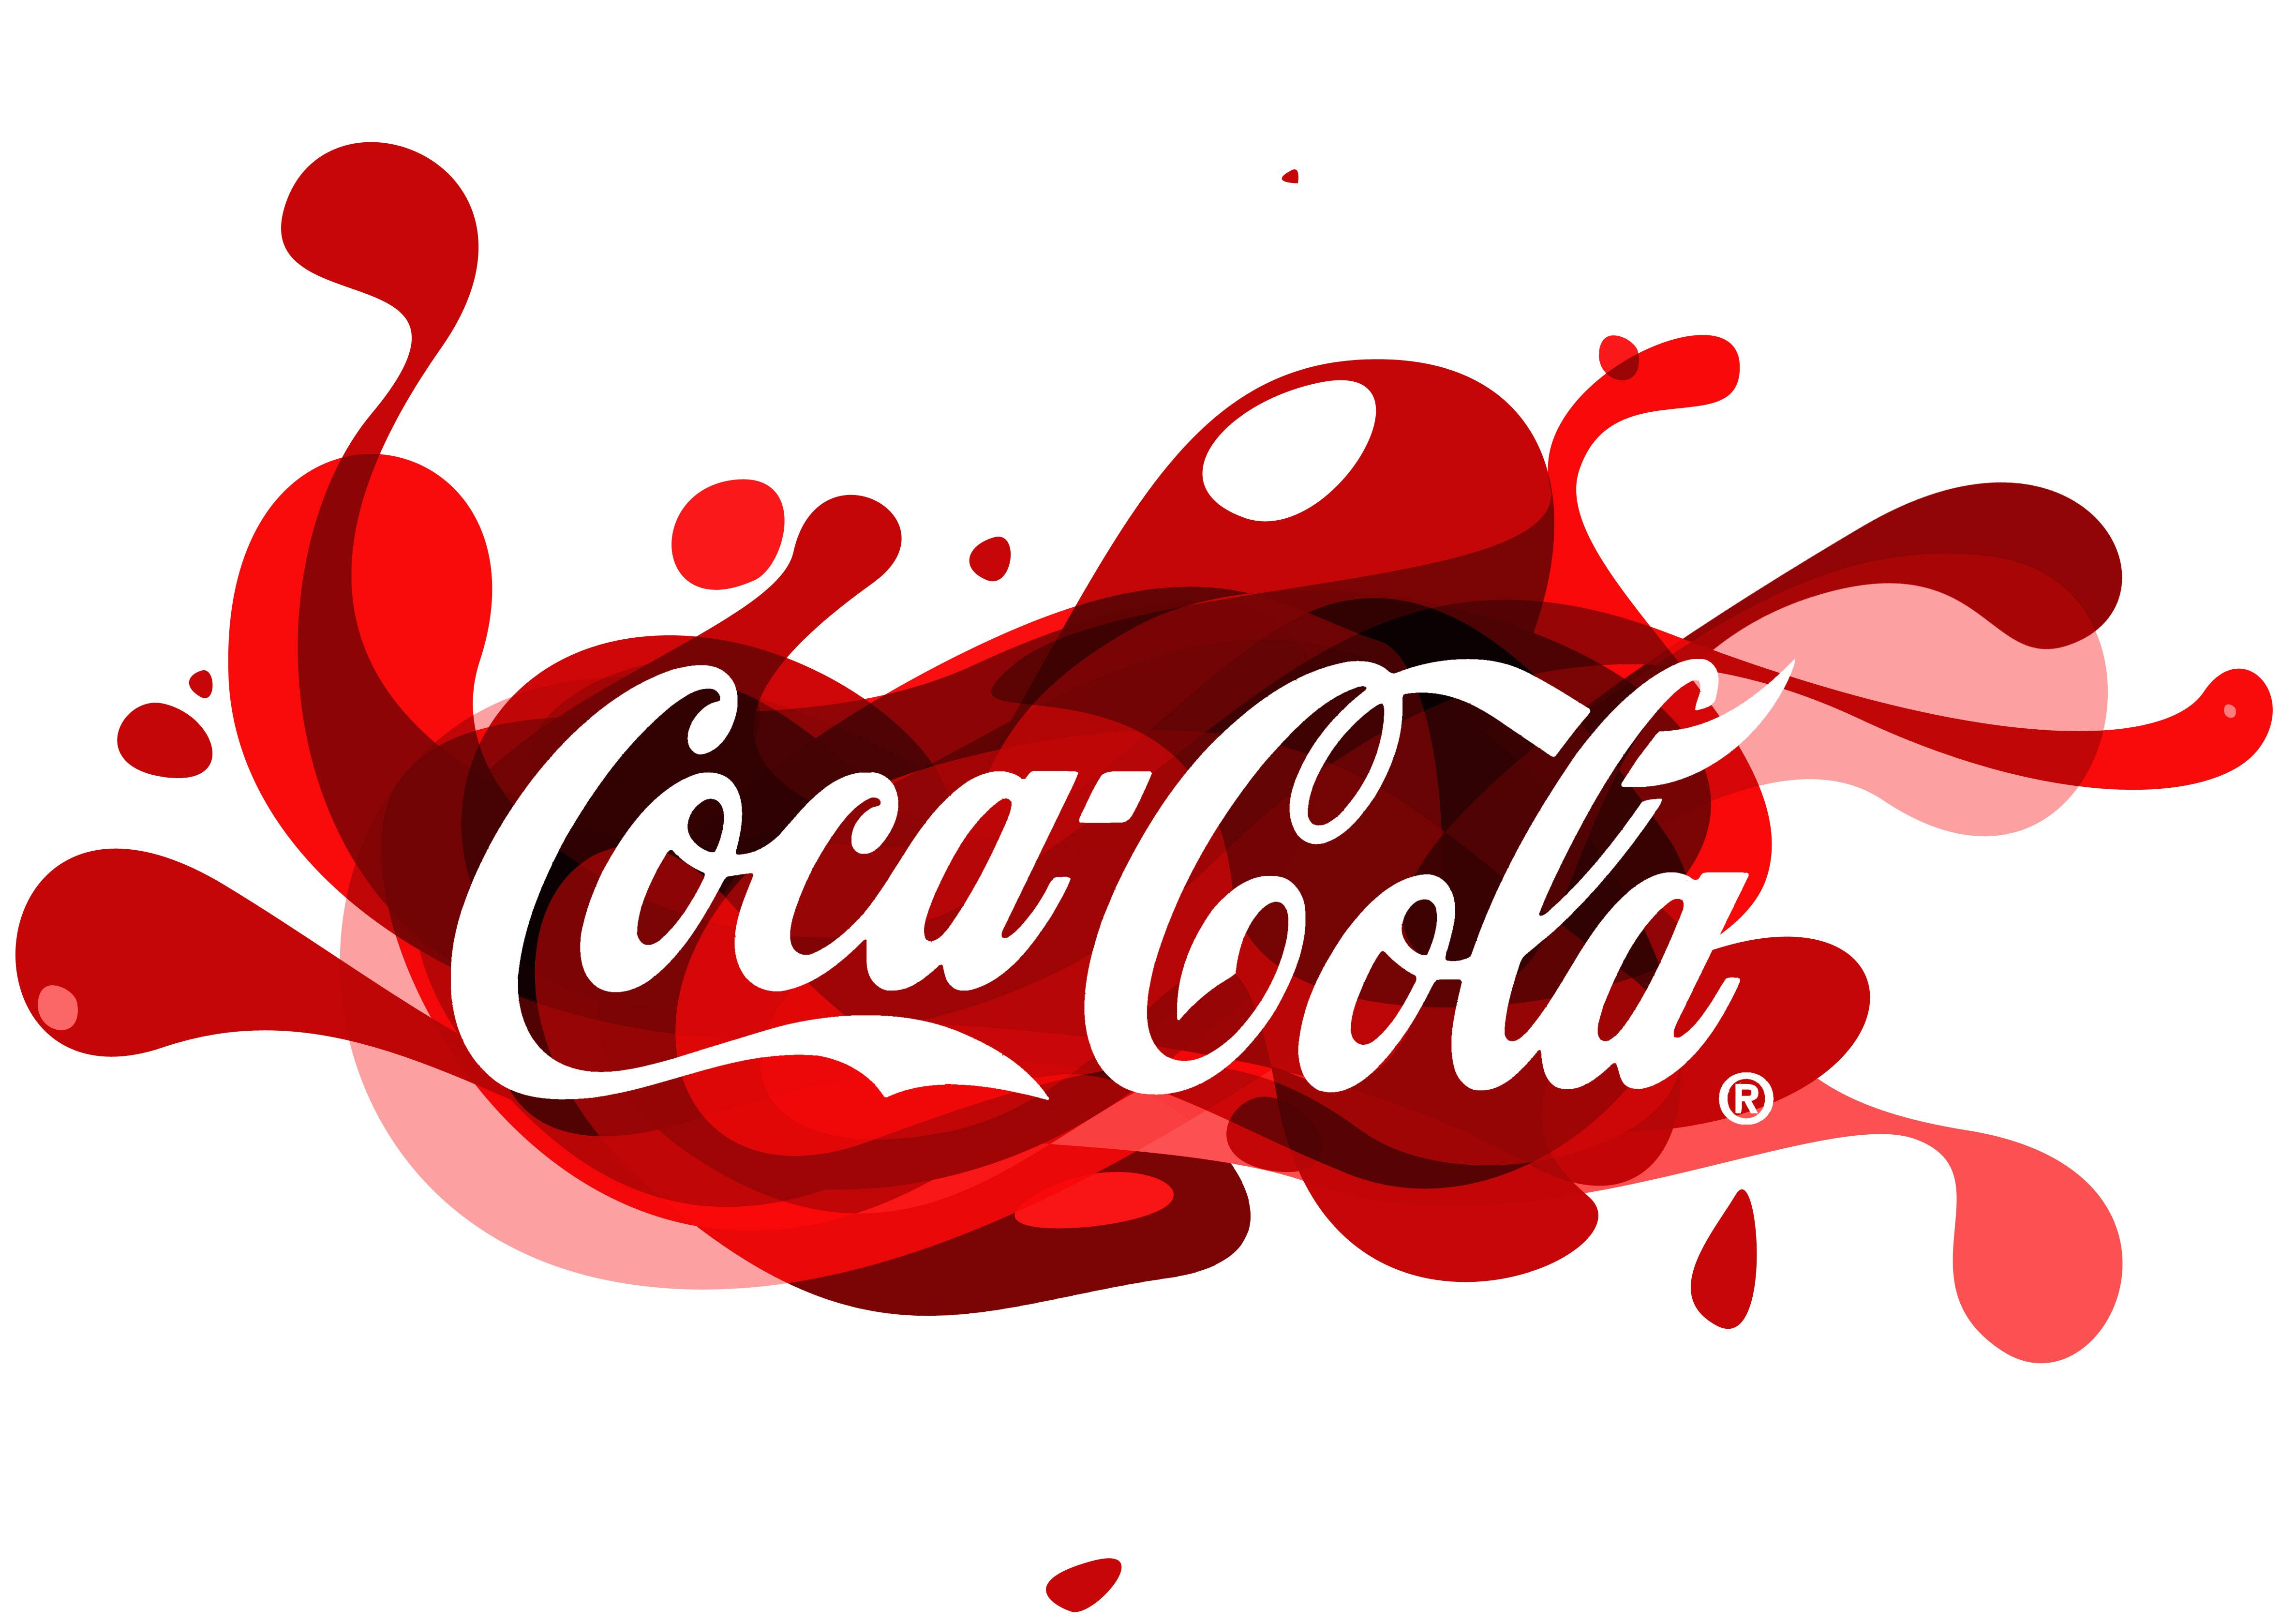 Energy Drink clipart coca cola Fandom by Fandom Cola powered